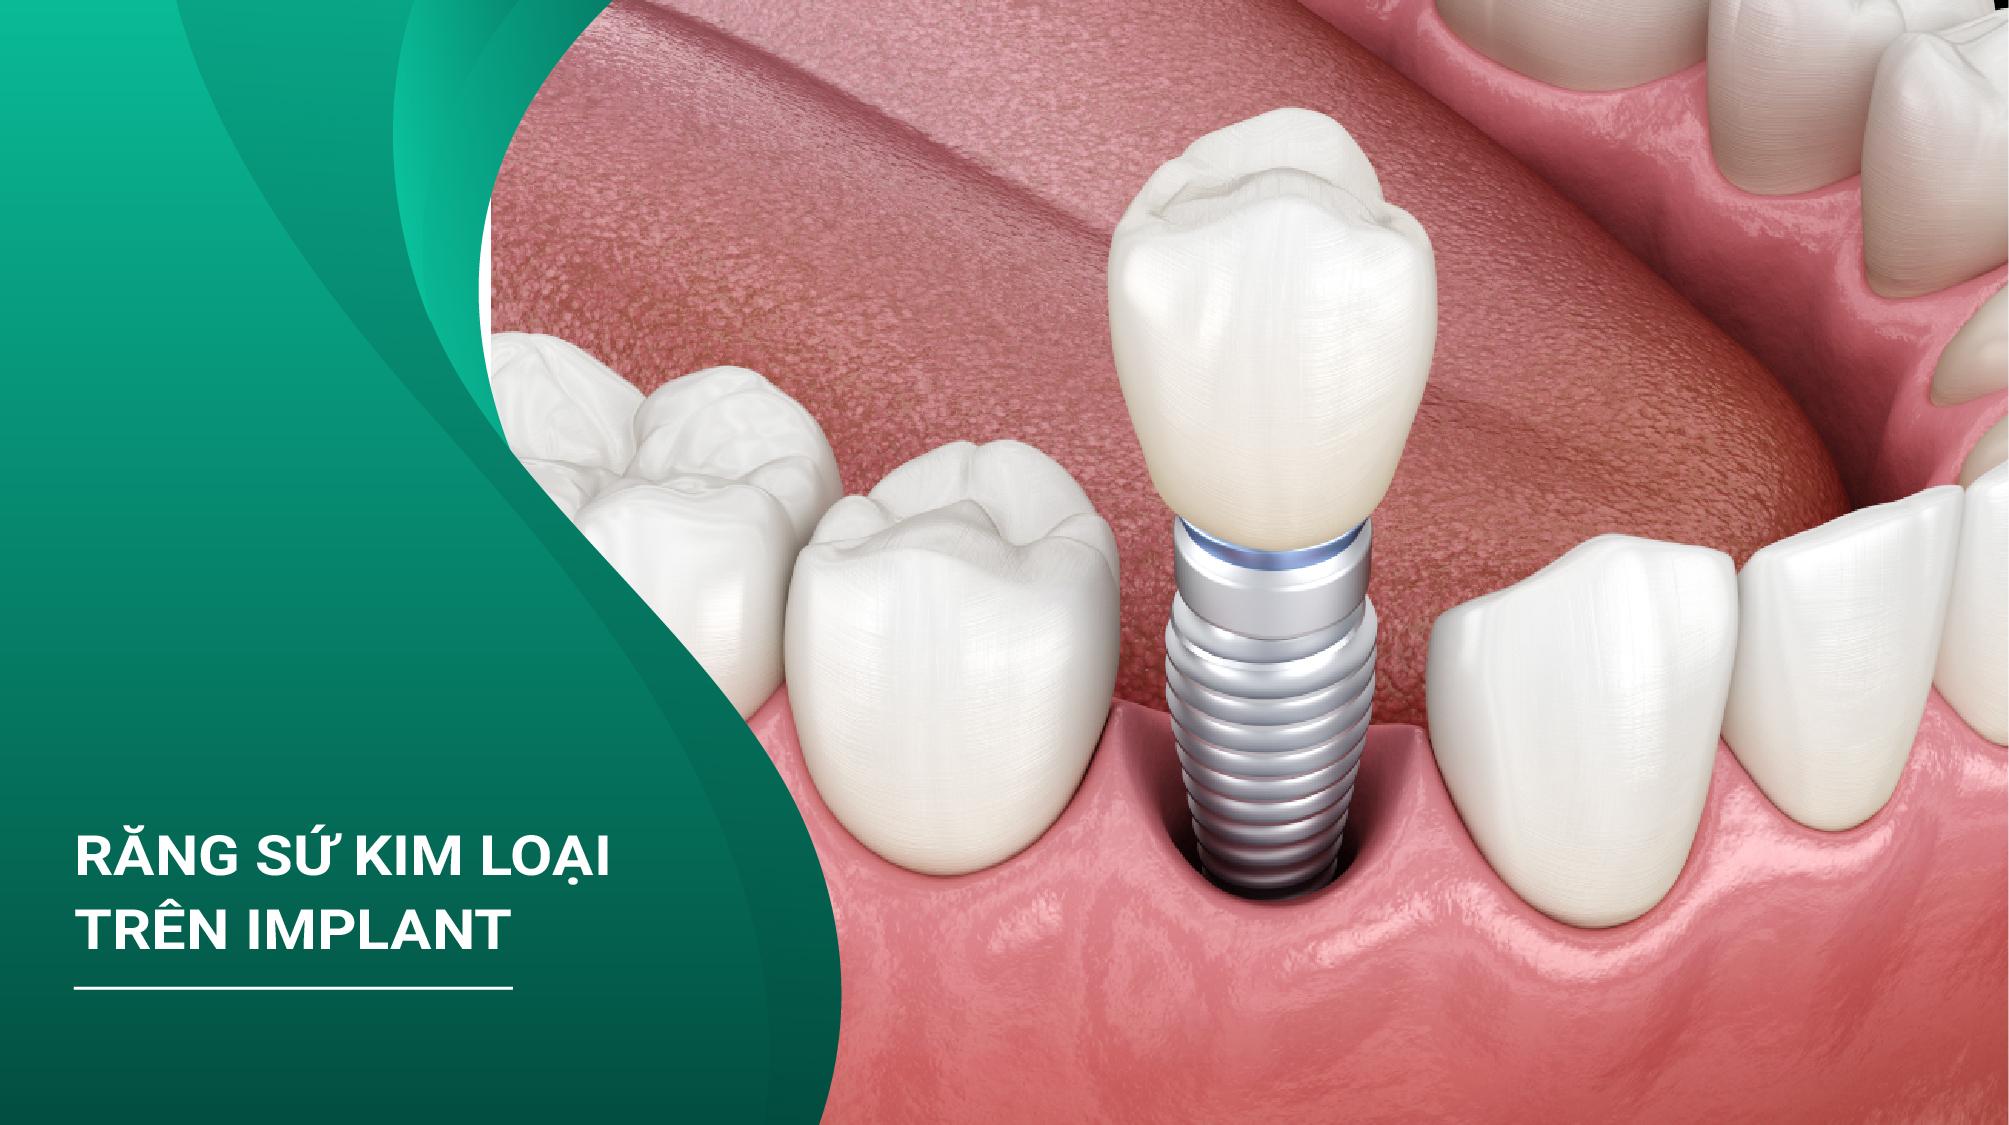 Răng Sứ Kim Loại Trên Implant